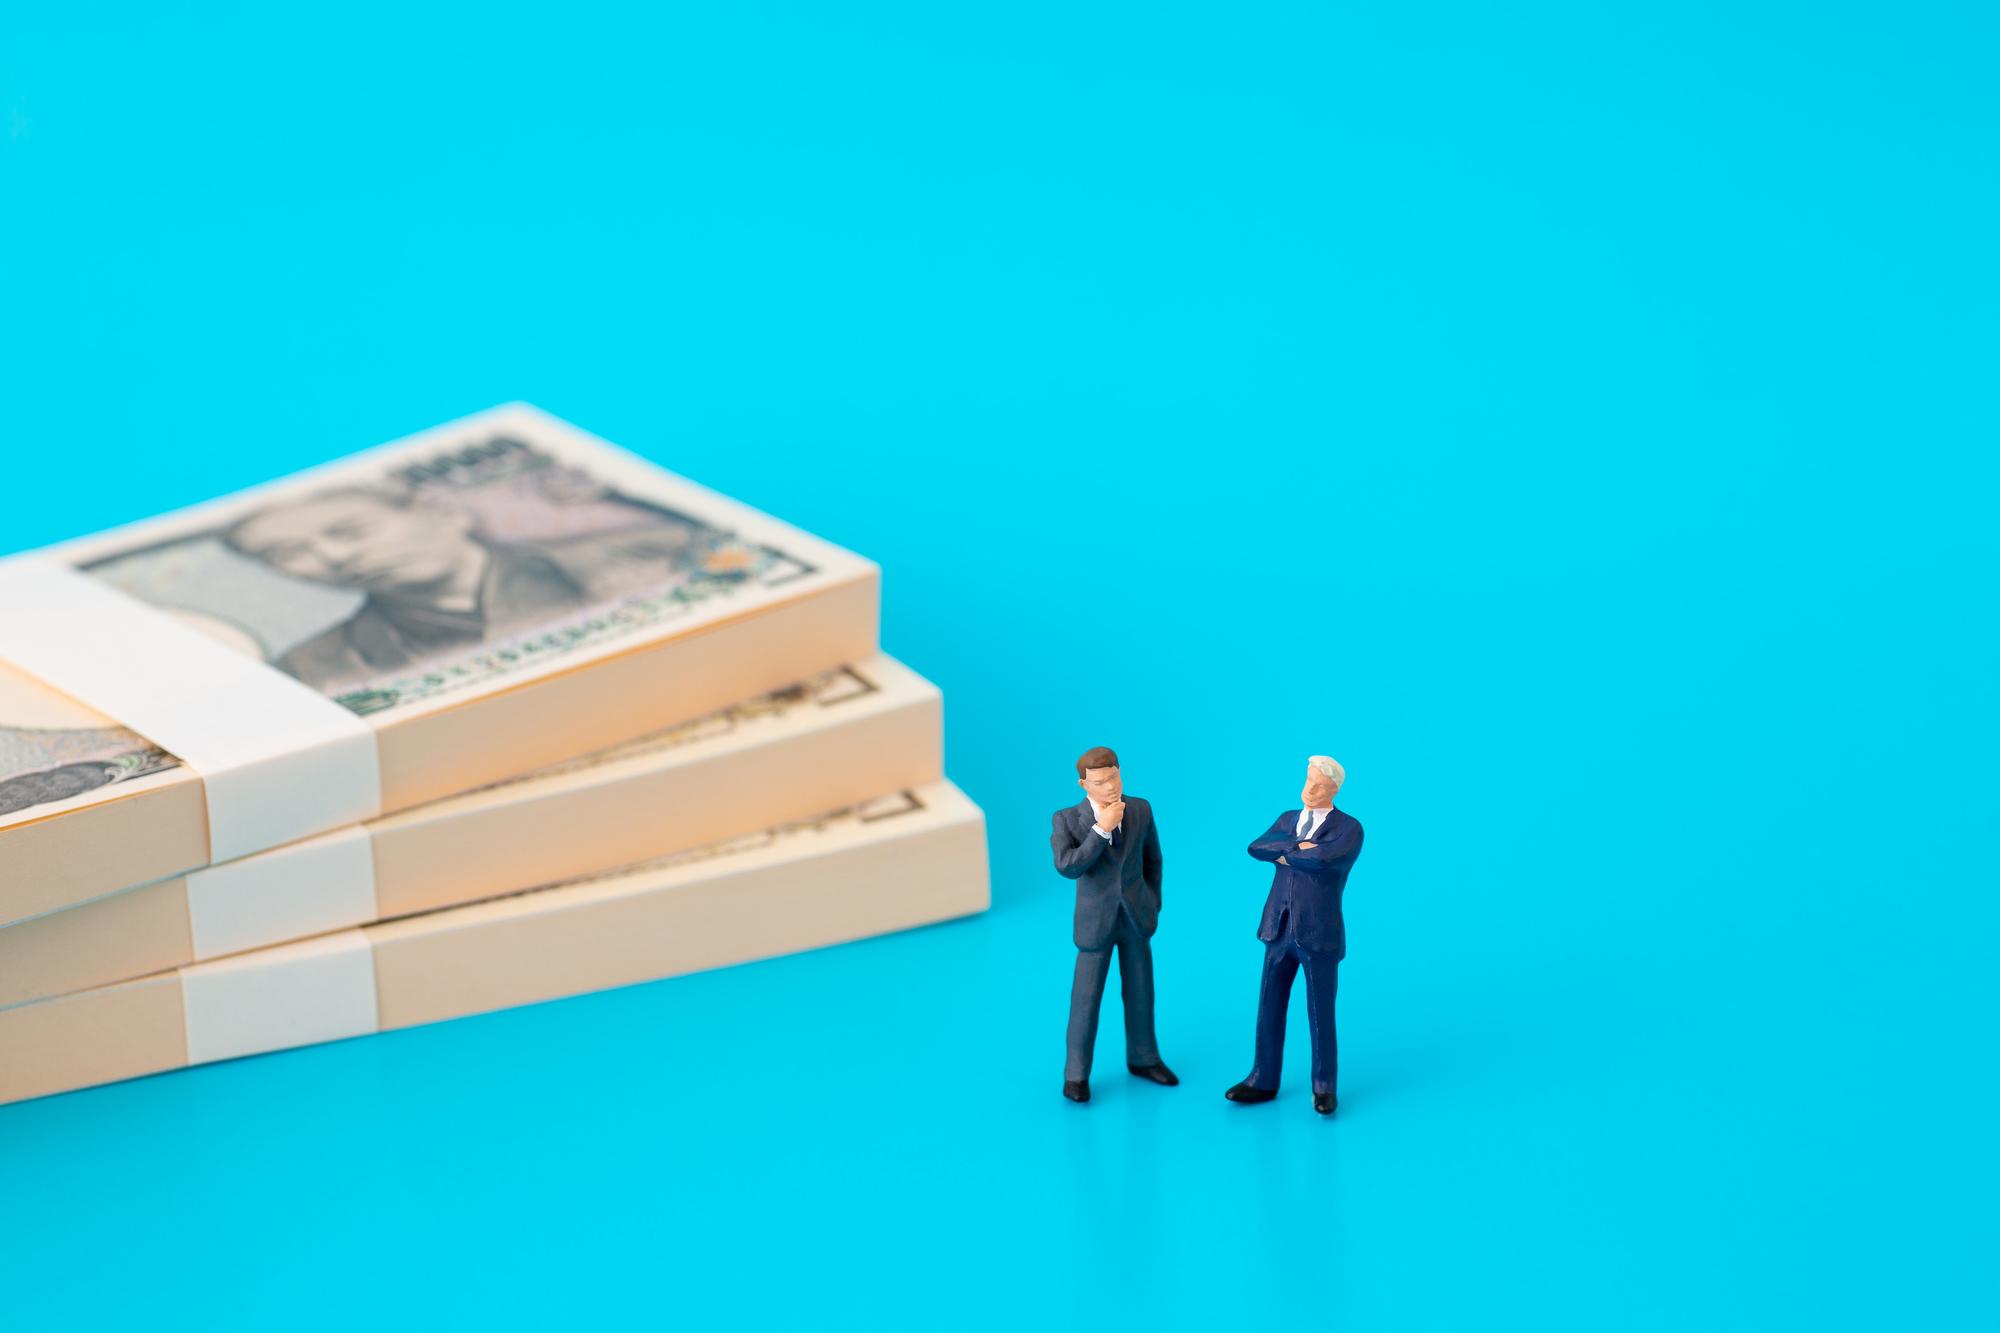 小規模事業者持続化補助金について